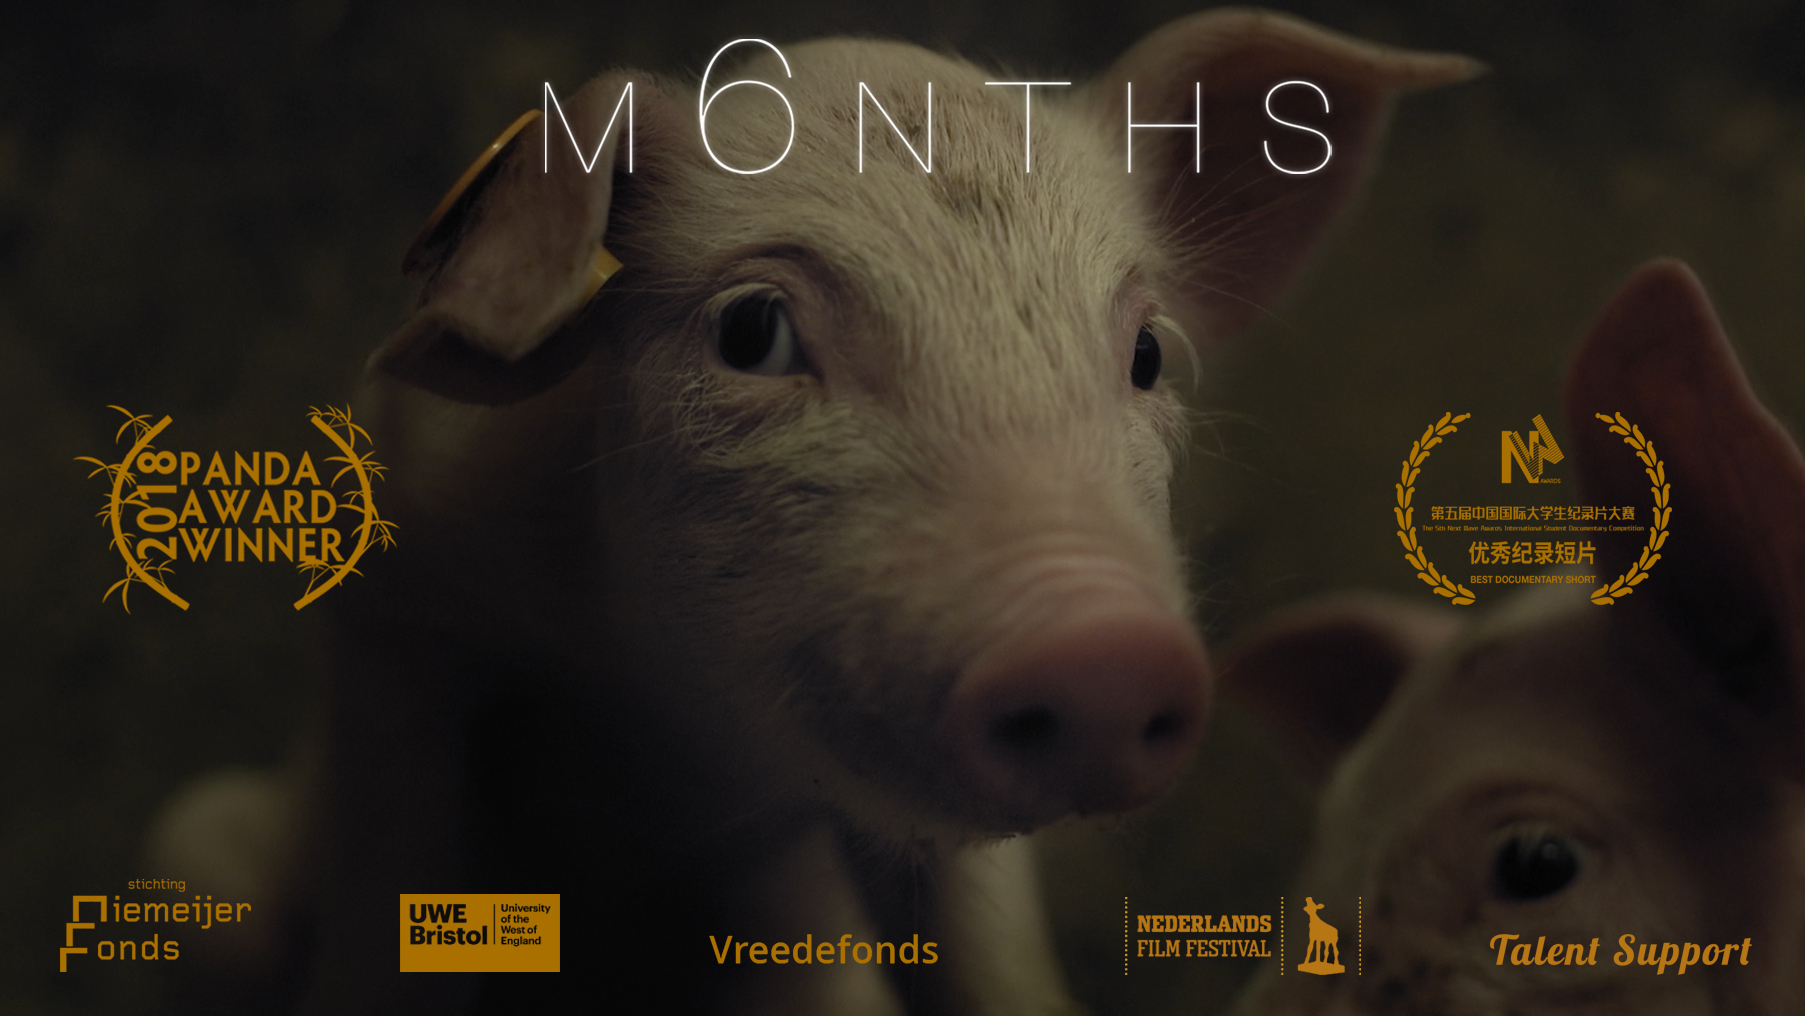 M6nths: viața unui porc dintr-o fermă industrială